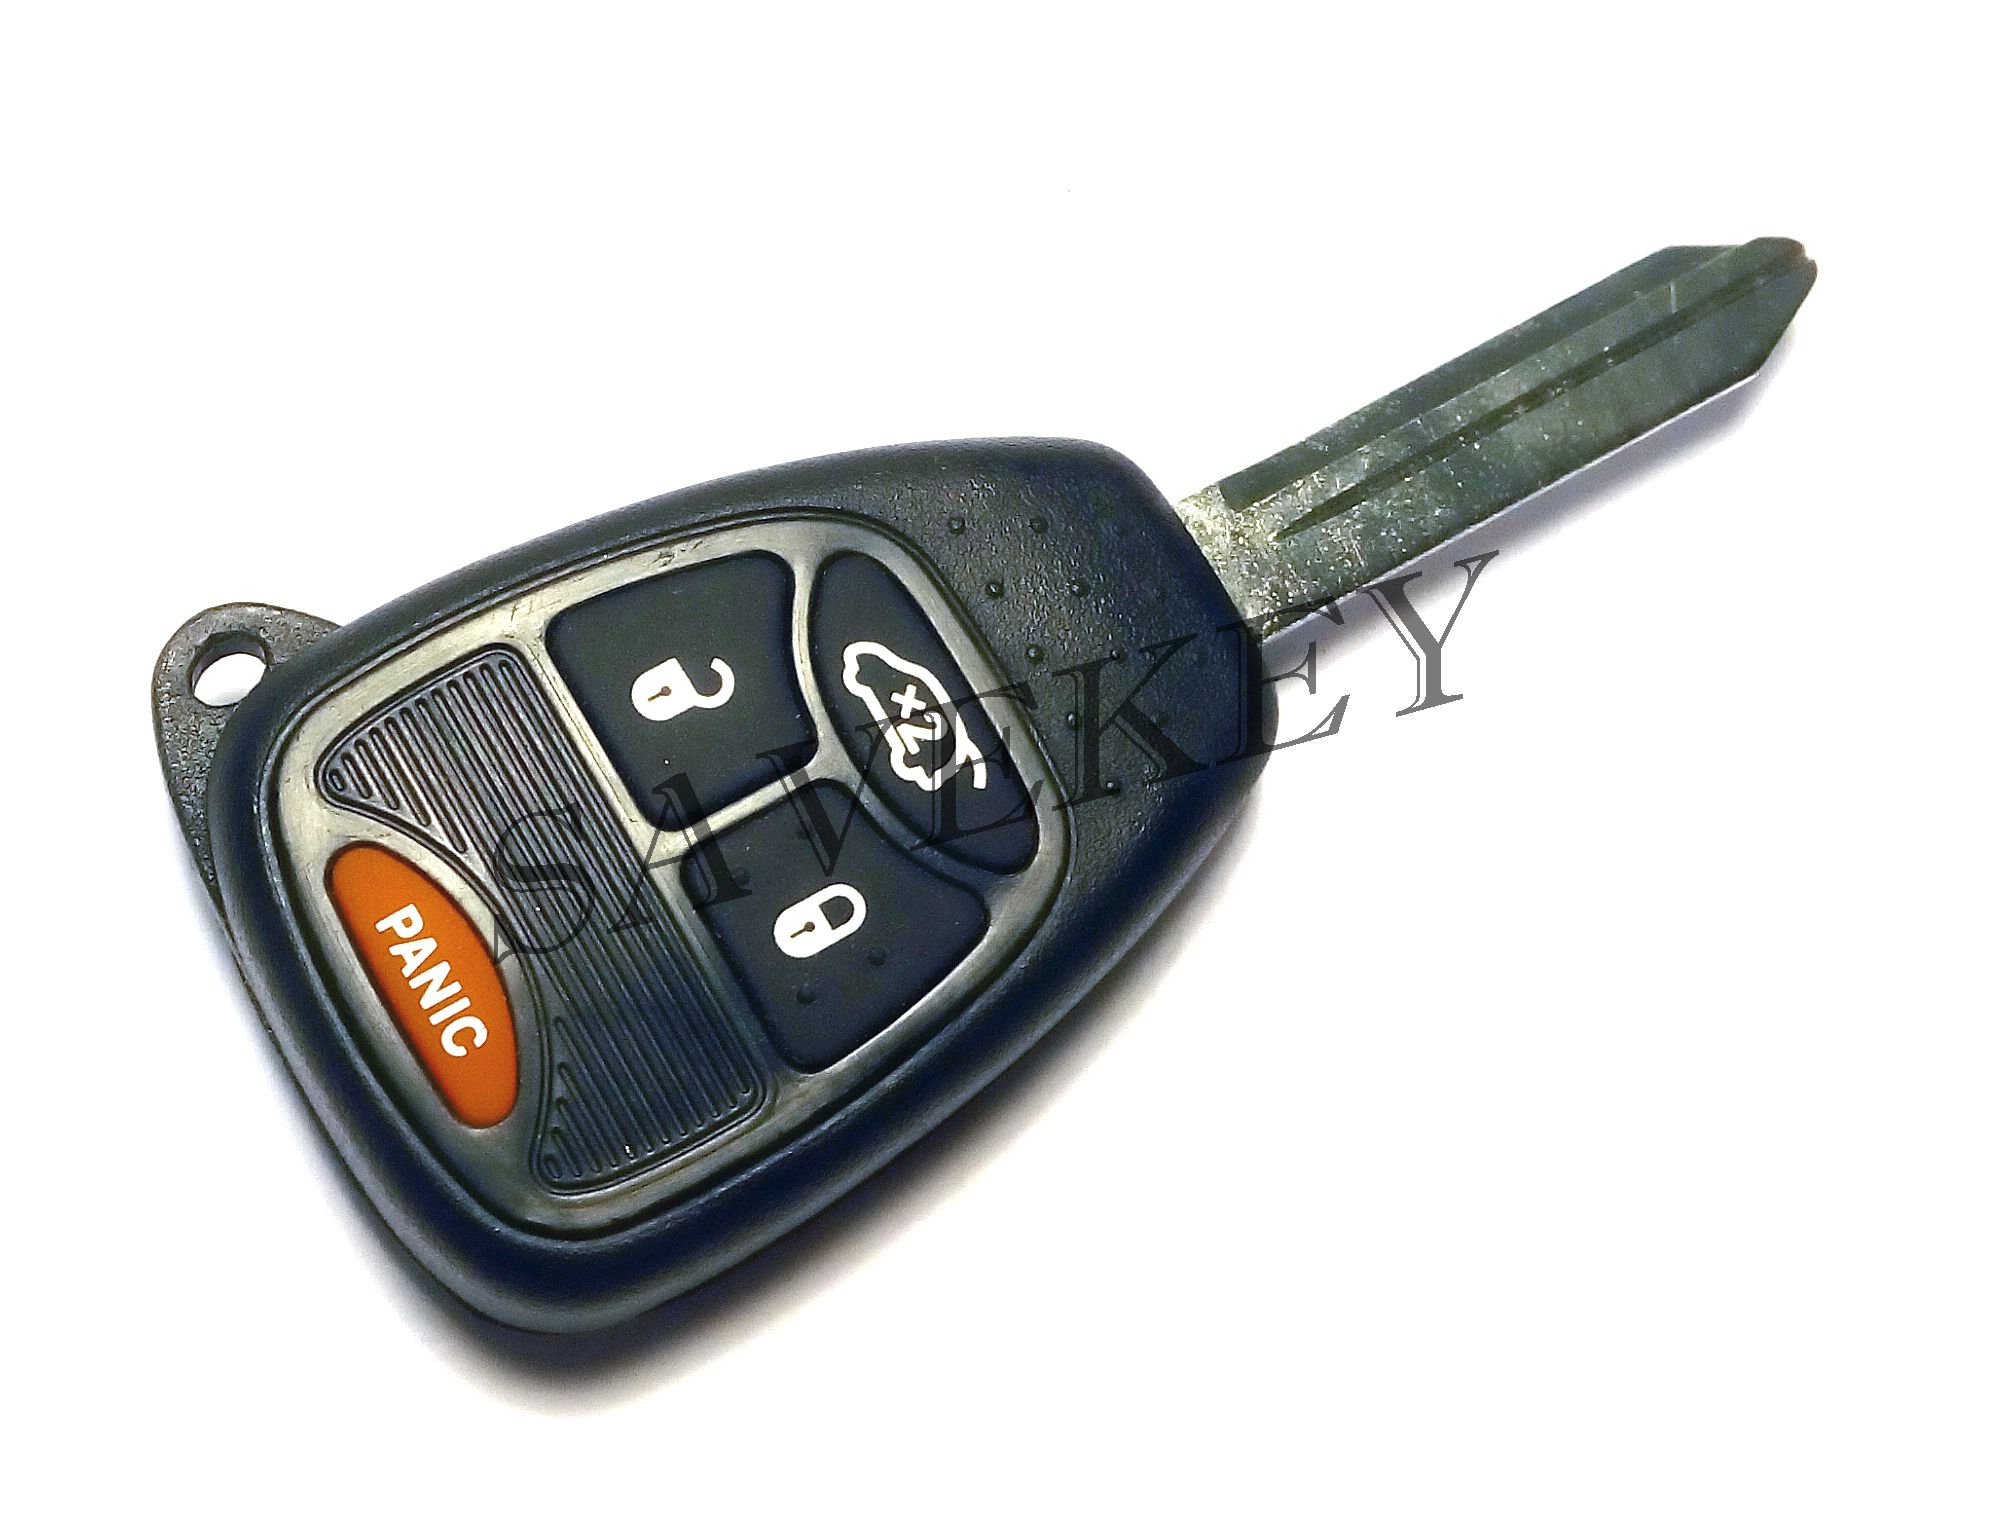 Дистанционный ключ Dodge для моделей Caliber, Caravan, Durango, Journeo, Neon, Ram, Stratus 4 кнопки 433 Mhz